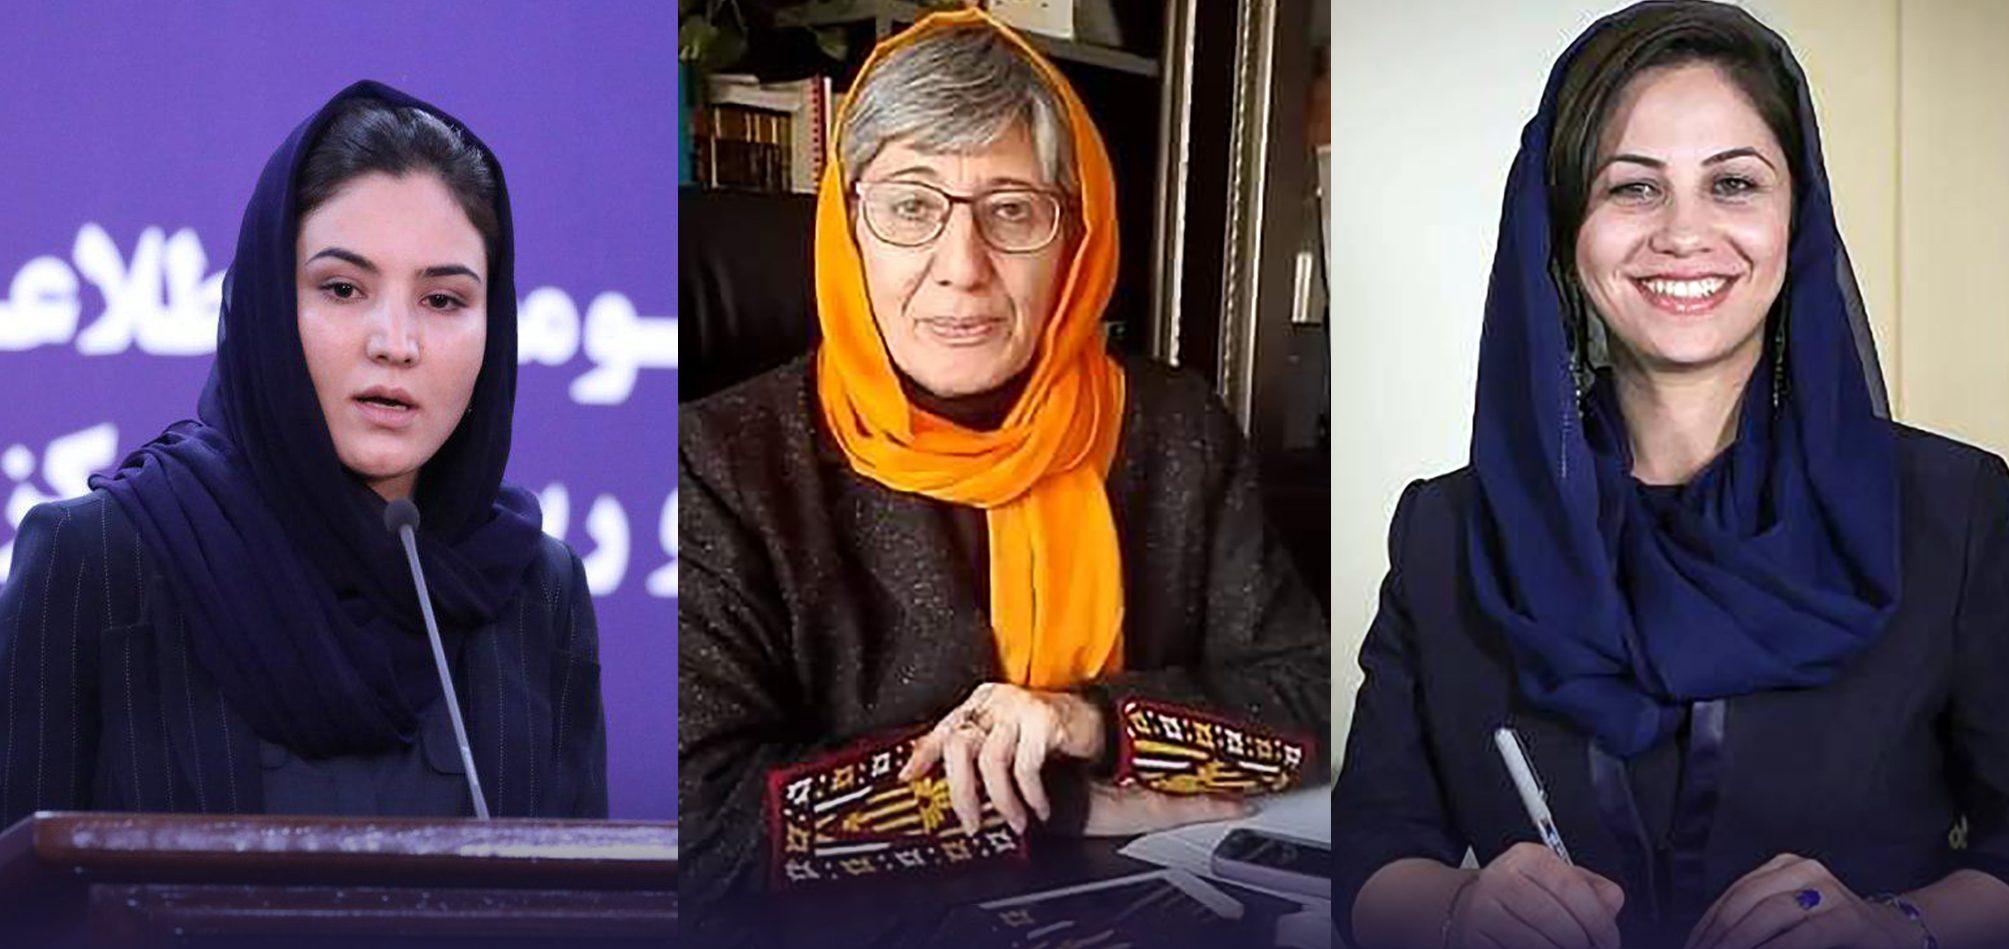 حذف زنان از رهبری